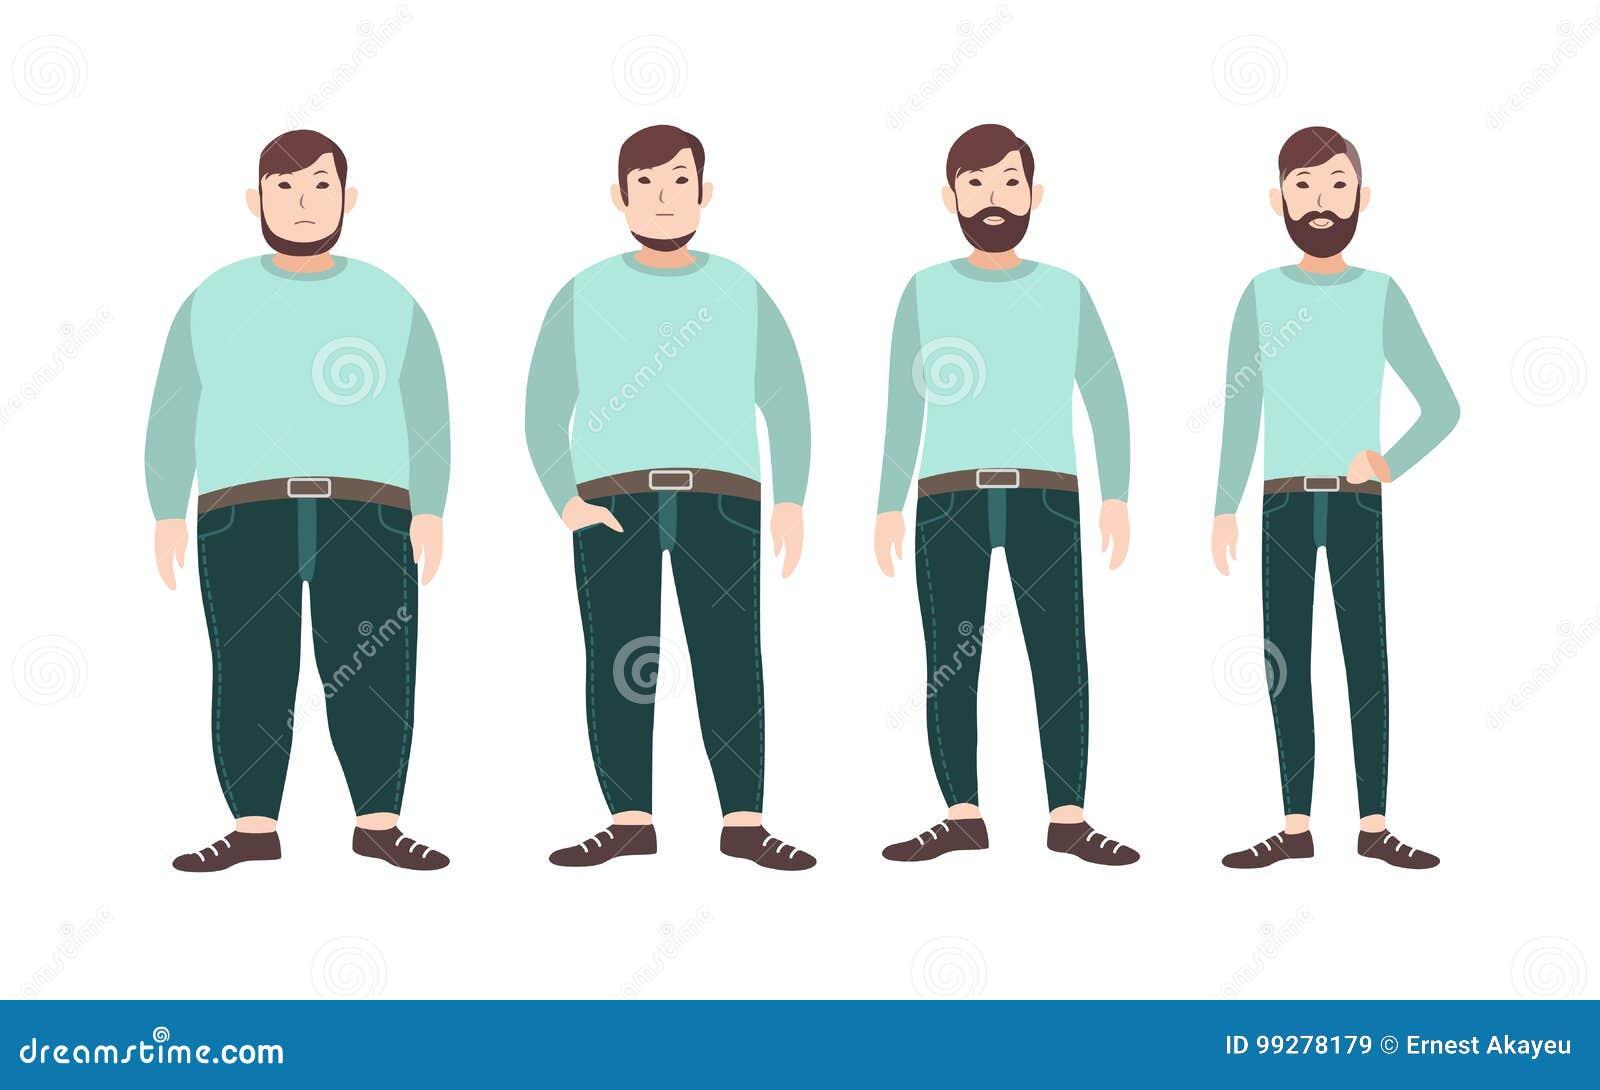 visualisation de la perte de poids